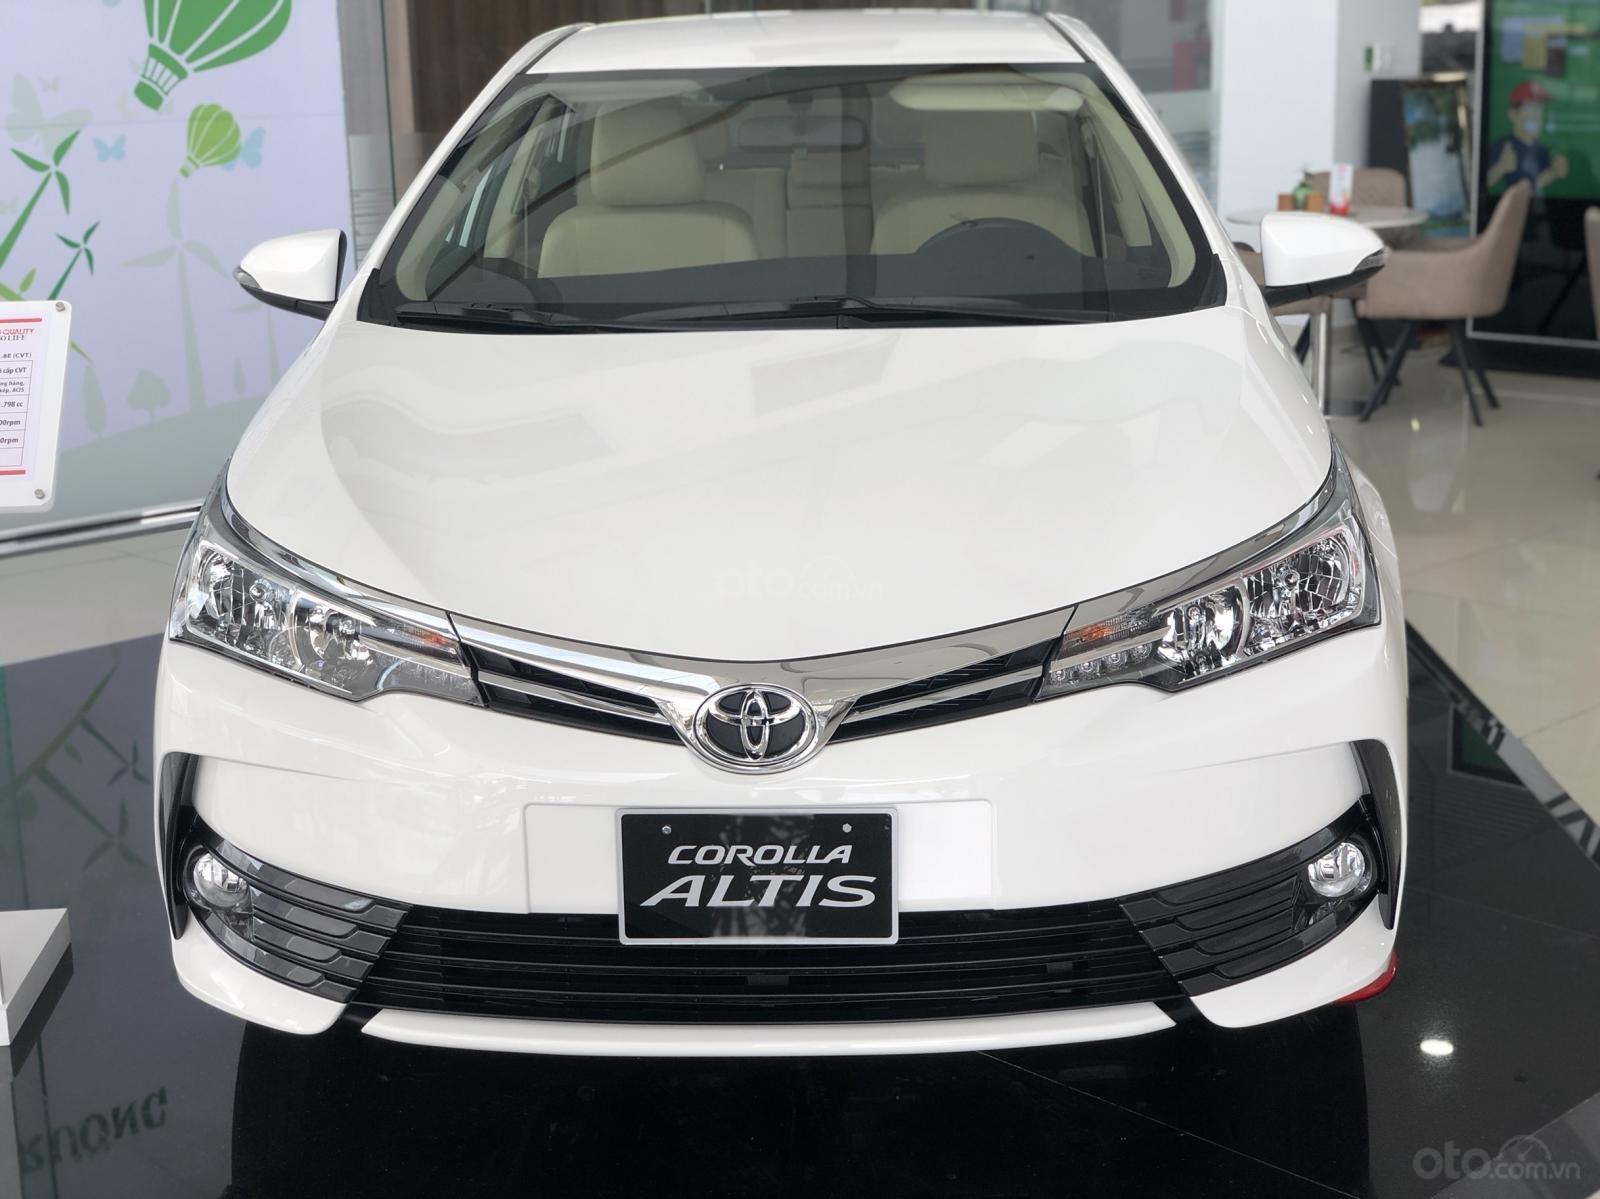 Bán Toyota Corolla Altis năm 2019 màu trắng, 746 triệu-1